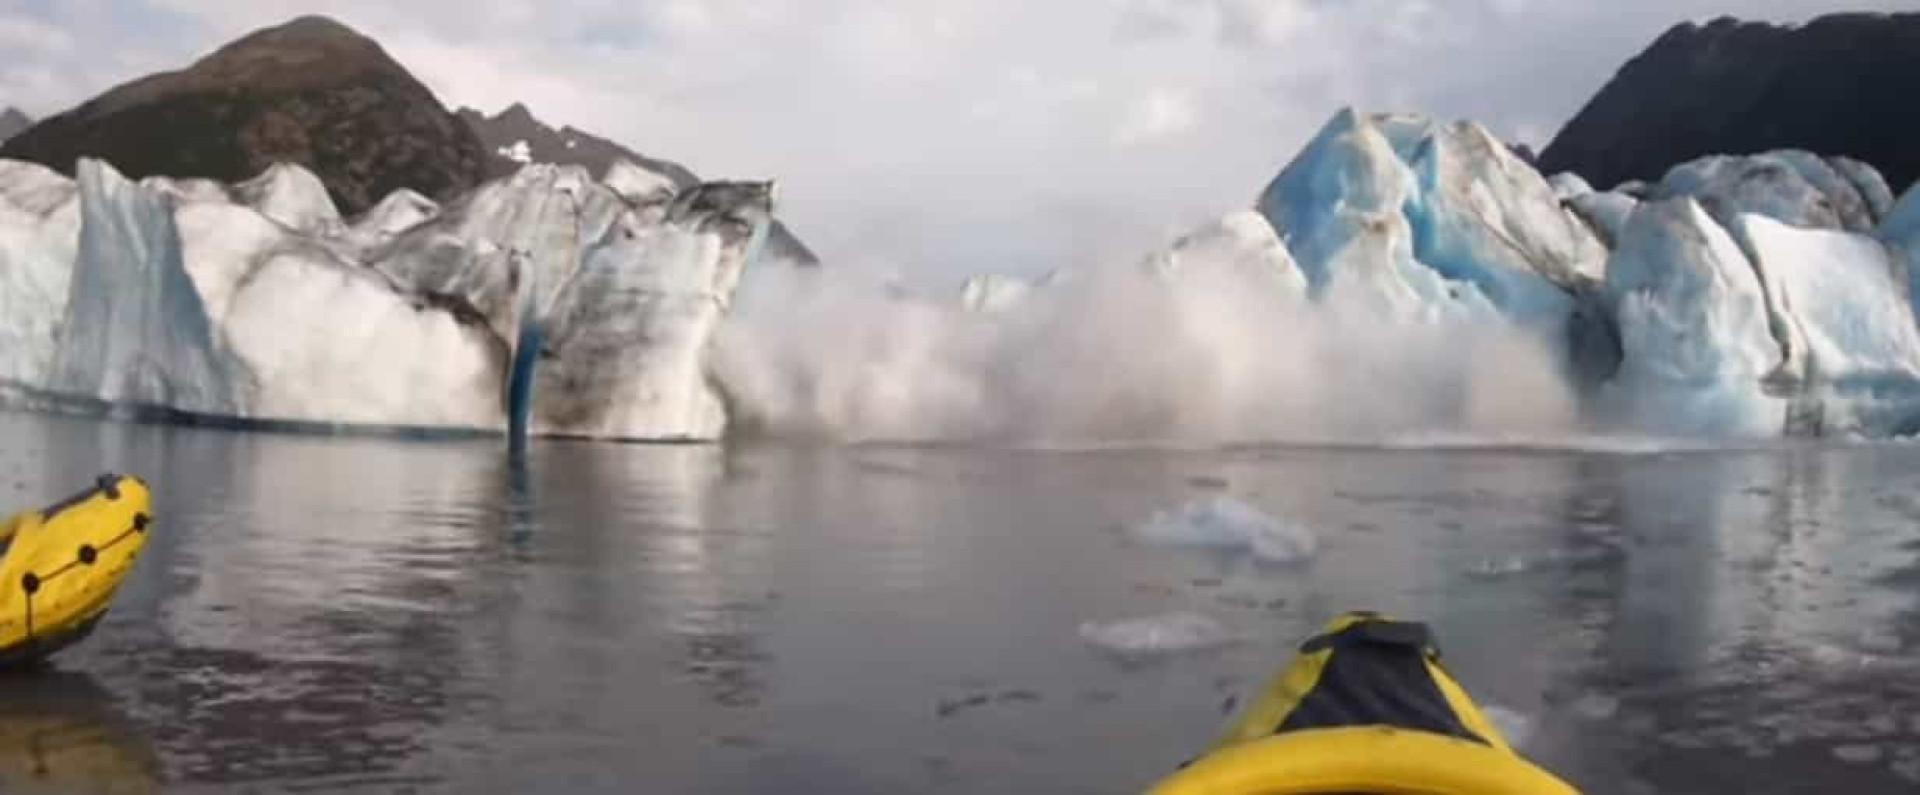 Colapso de glaciar no Alasca foi captado em vídeo